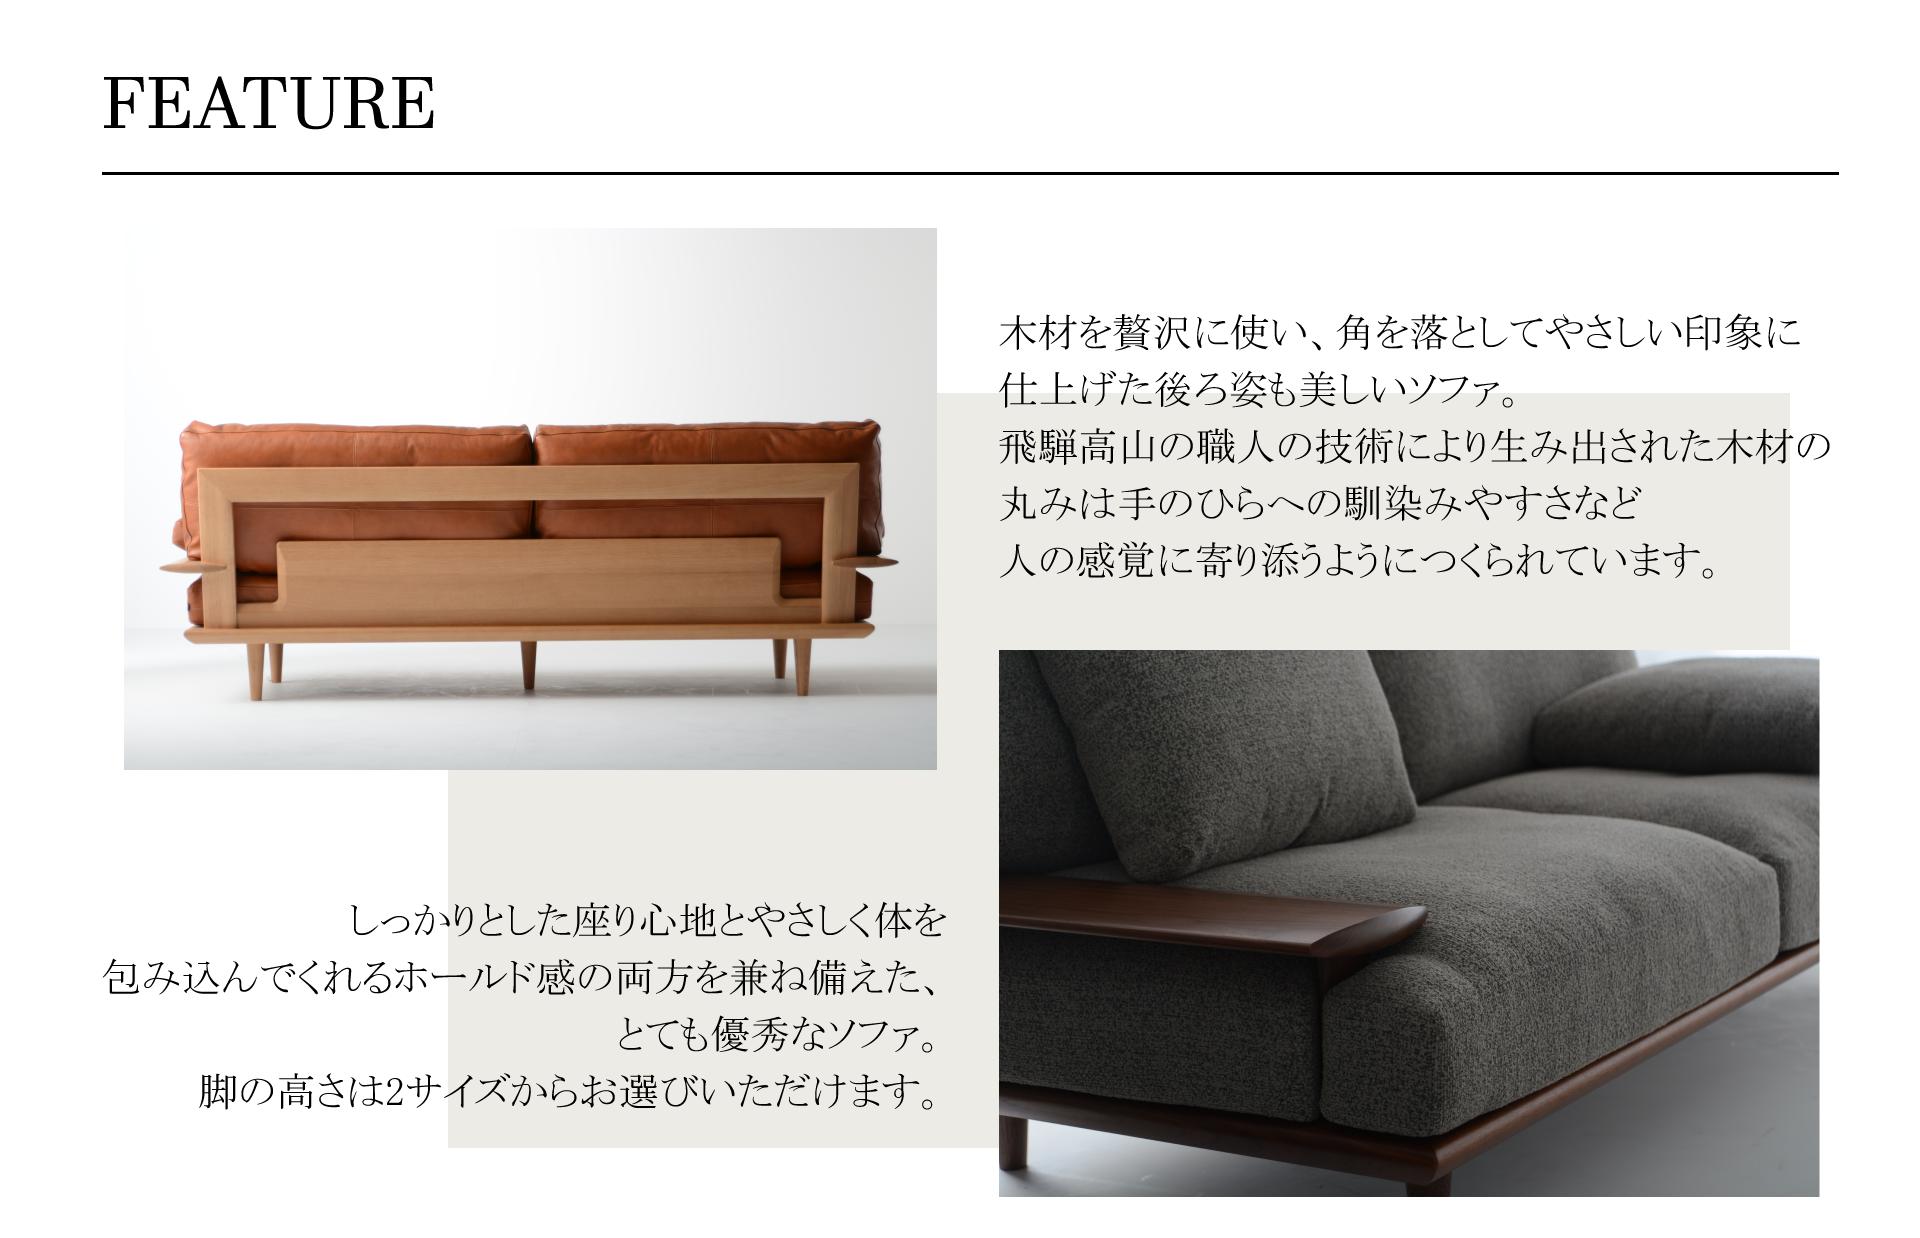 SOFSOFA(ソフソファ)FEATURE特徴木材を贅沢に使い、角を落としてやさしい印象に仕上げた後ろ姿も美しいソファ。飛騨高山の職人の技術により生み出された木材の丸みは手のひらへの馴染みやすさなど人の感覚に寄り添うようにつくられています。しっかりとした座り心地とやさしく体を包み込んでくれるホールド感の両方を兼ね備えた、 とても優秀なソファ。脚の高さは2サイズからお選びいただけます。